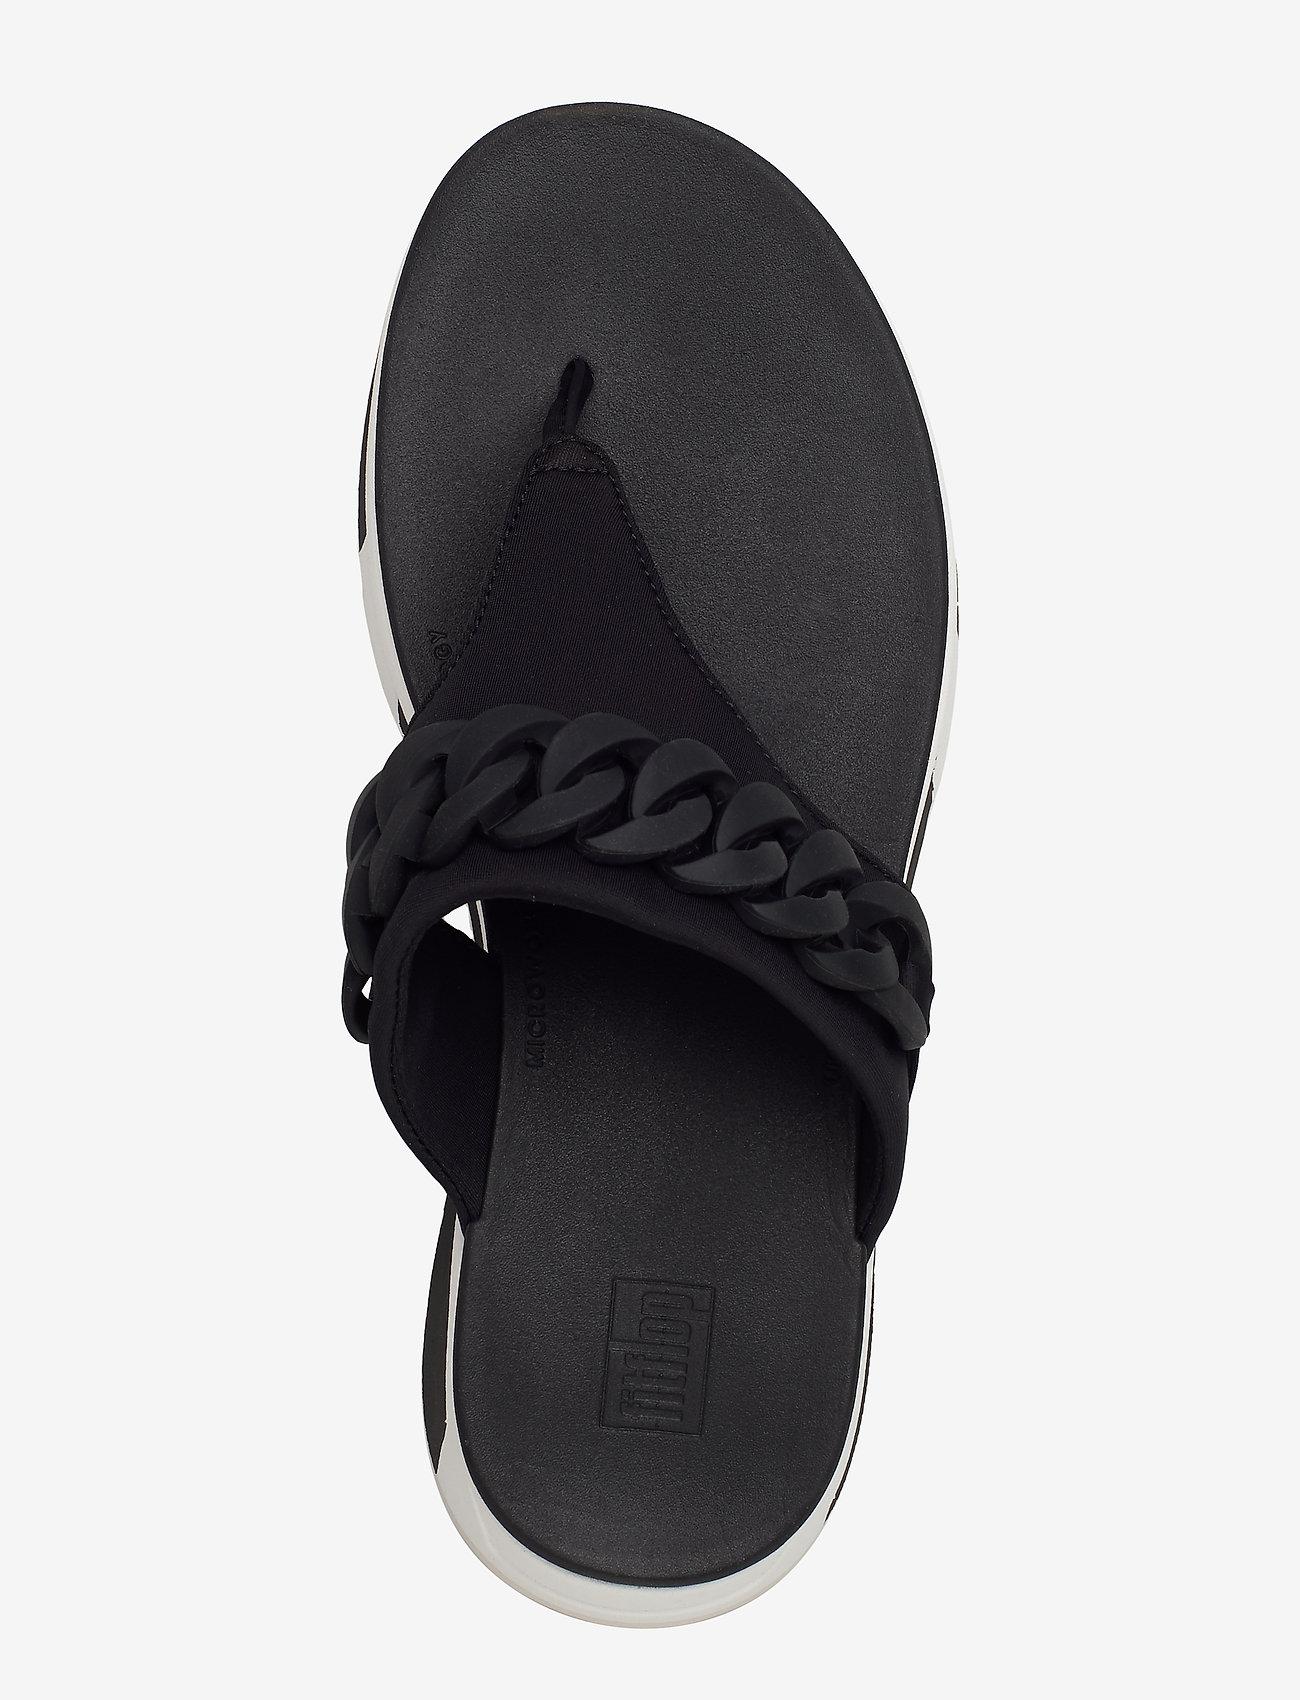 Heda Chain Toe-thongs (Black) - FitFlop